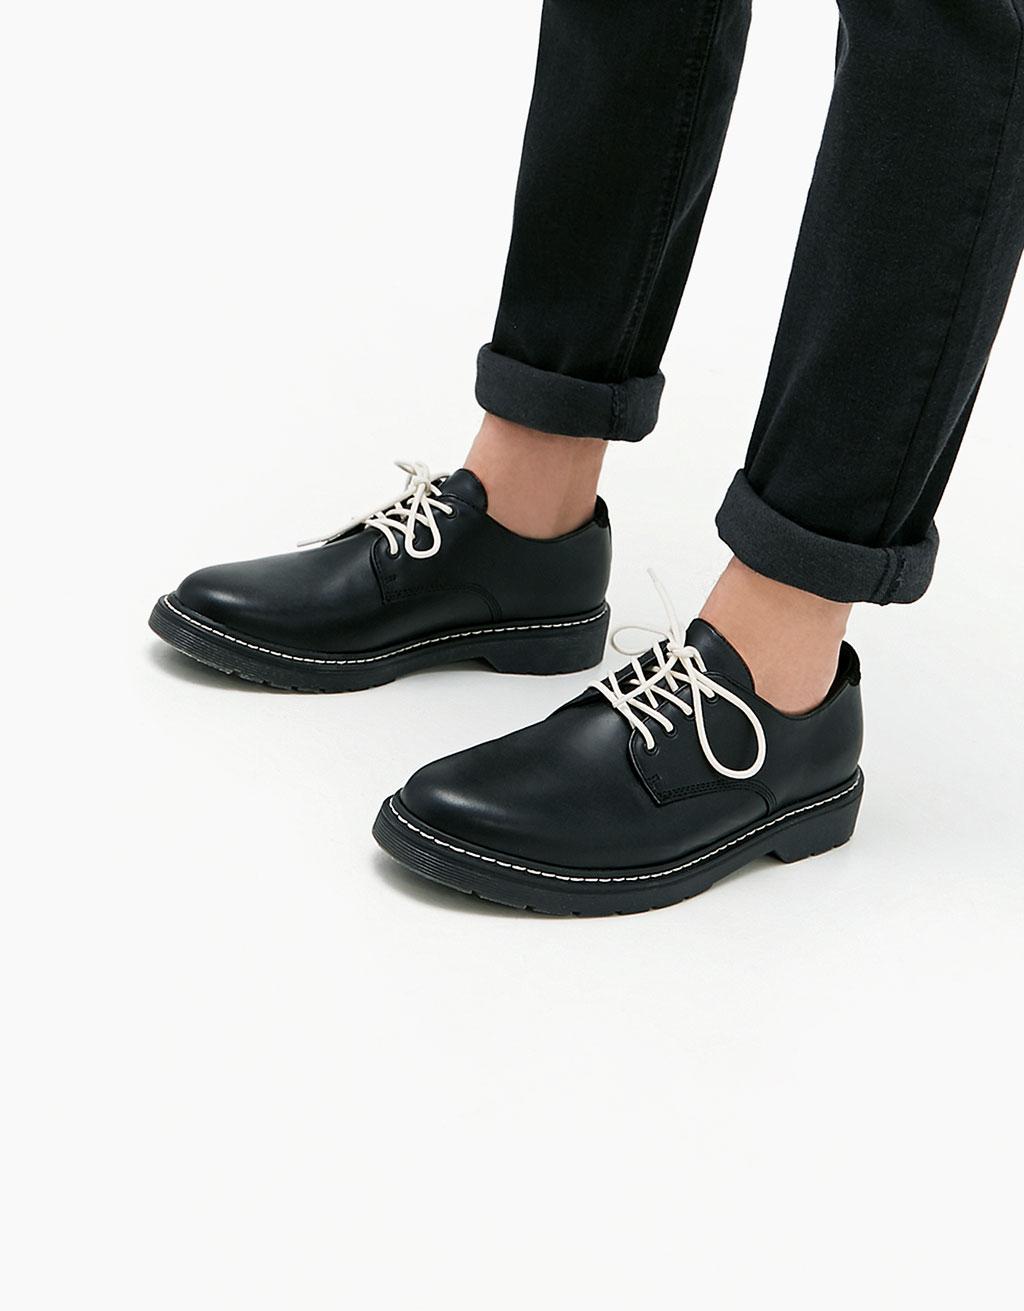 Vīriešu izejamās kurpes ar auklām un kontrastējošām šuvēm